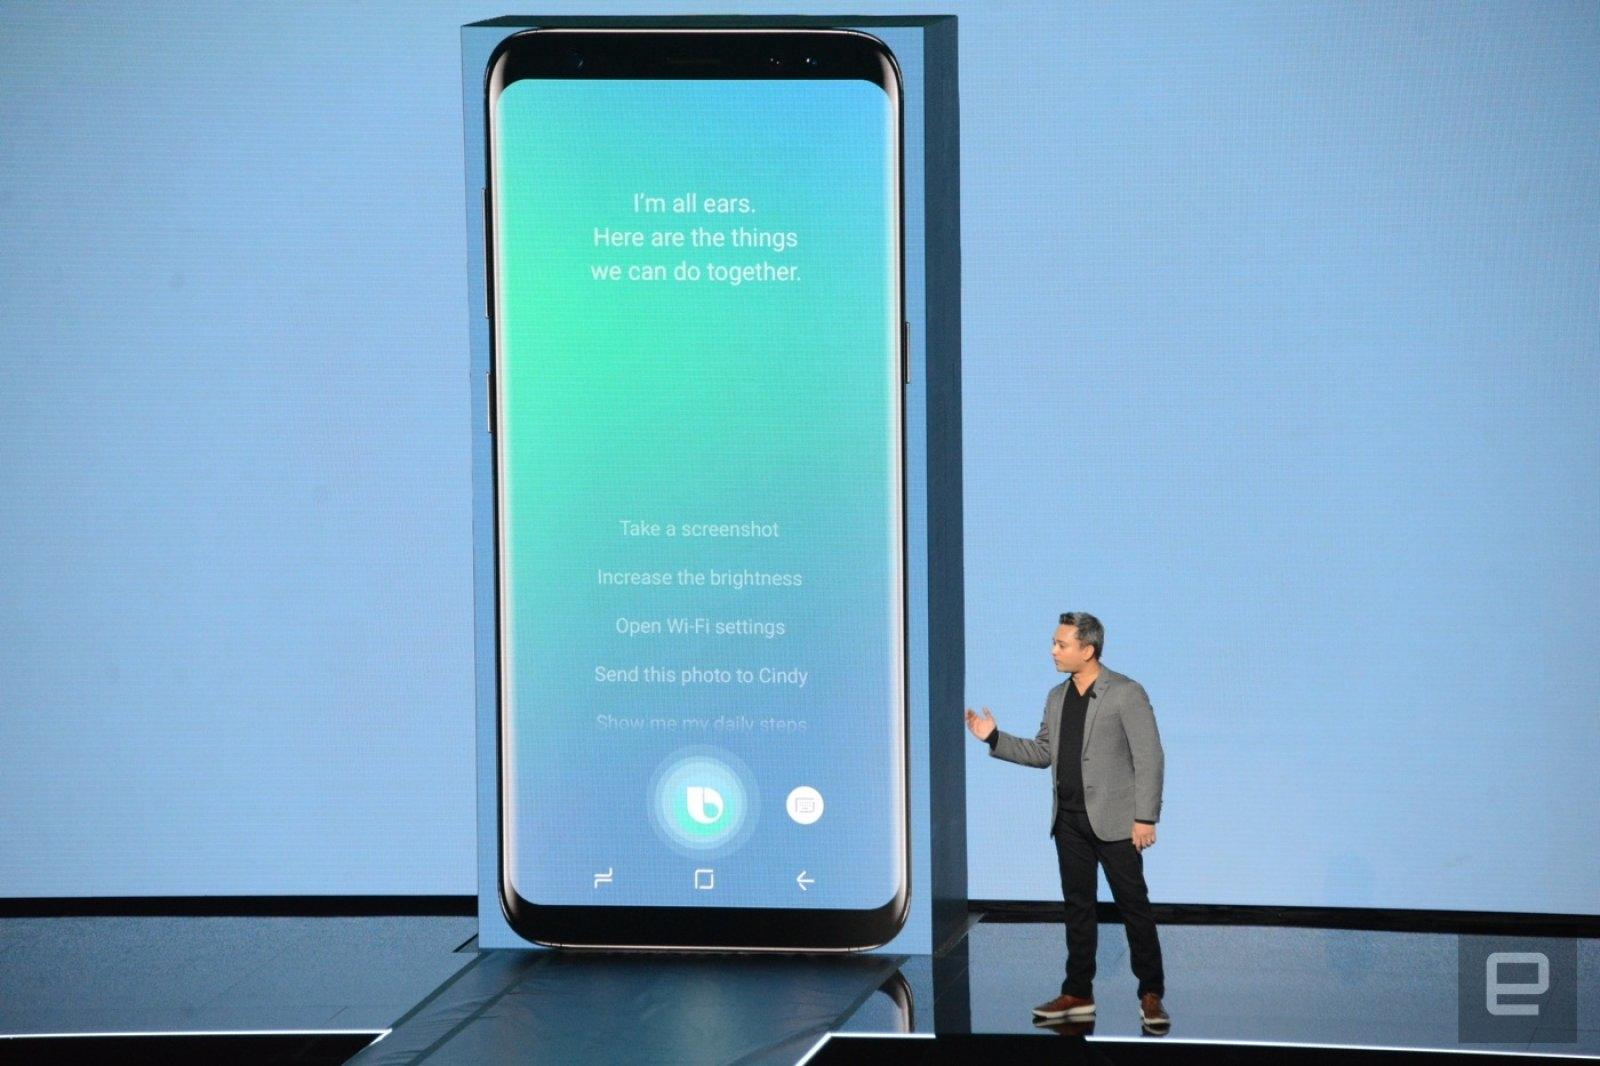 Malas noticias para Samsung: Bixby necesita dar más clases de inglés